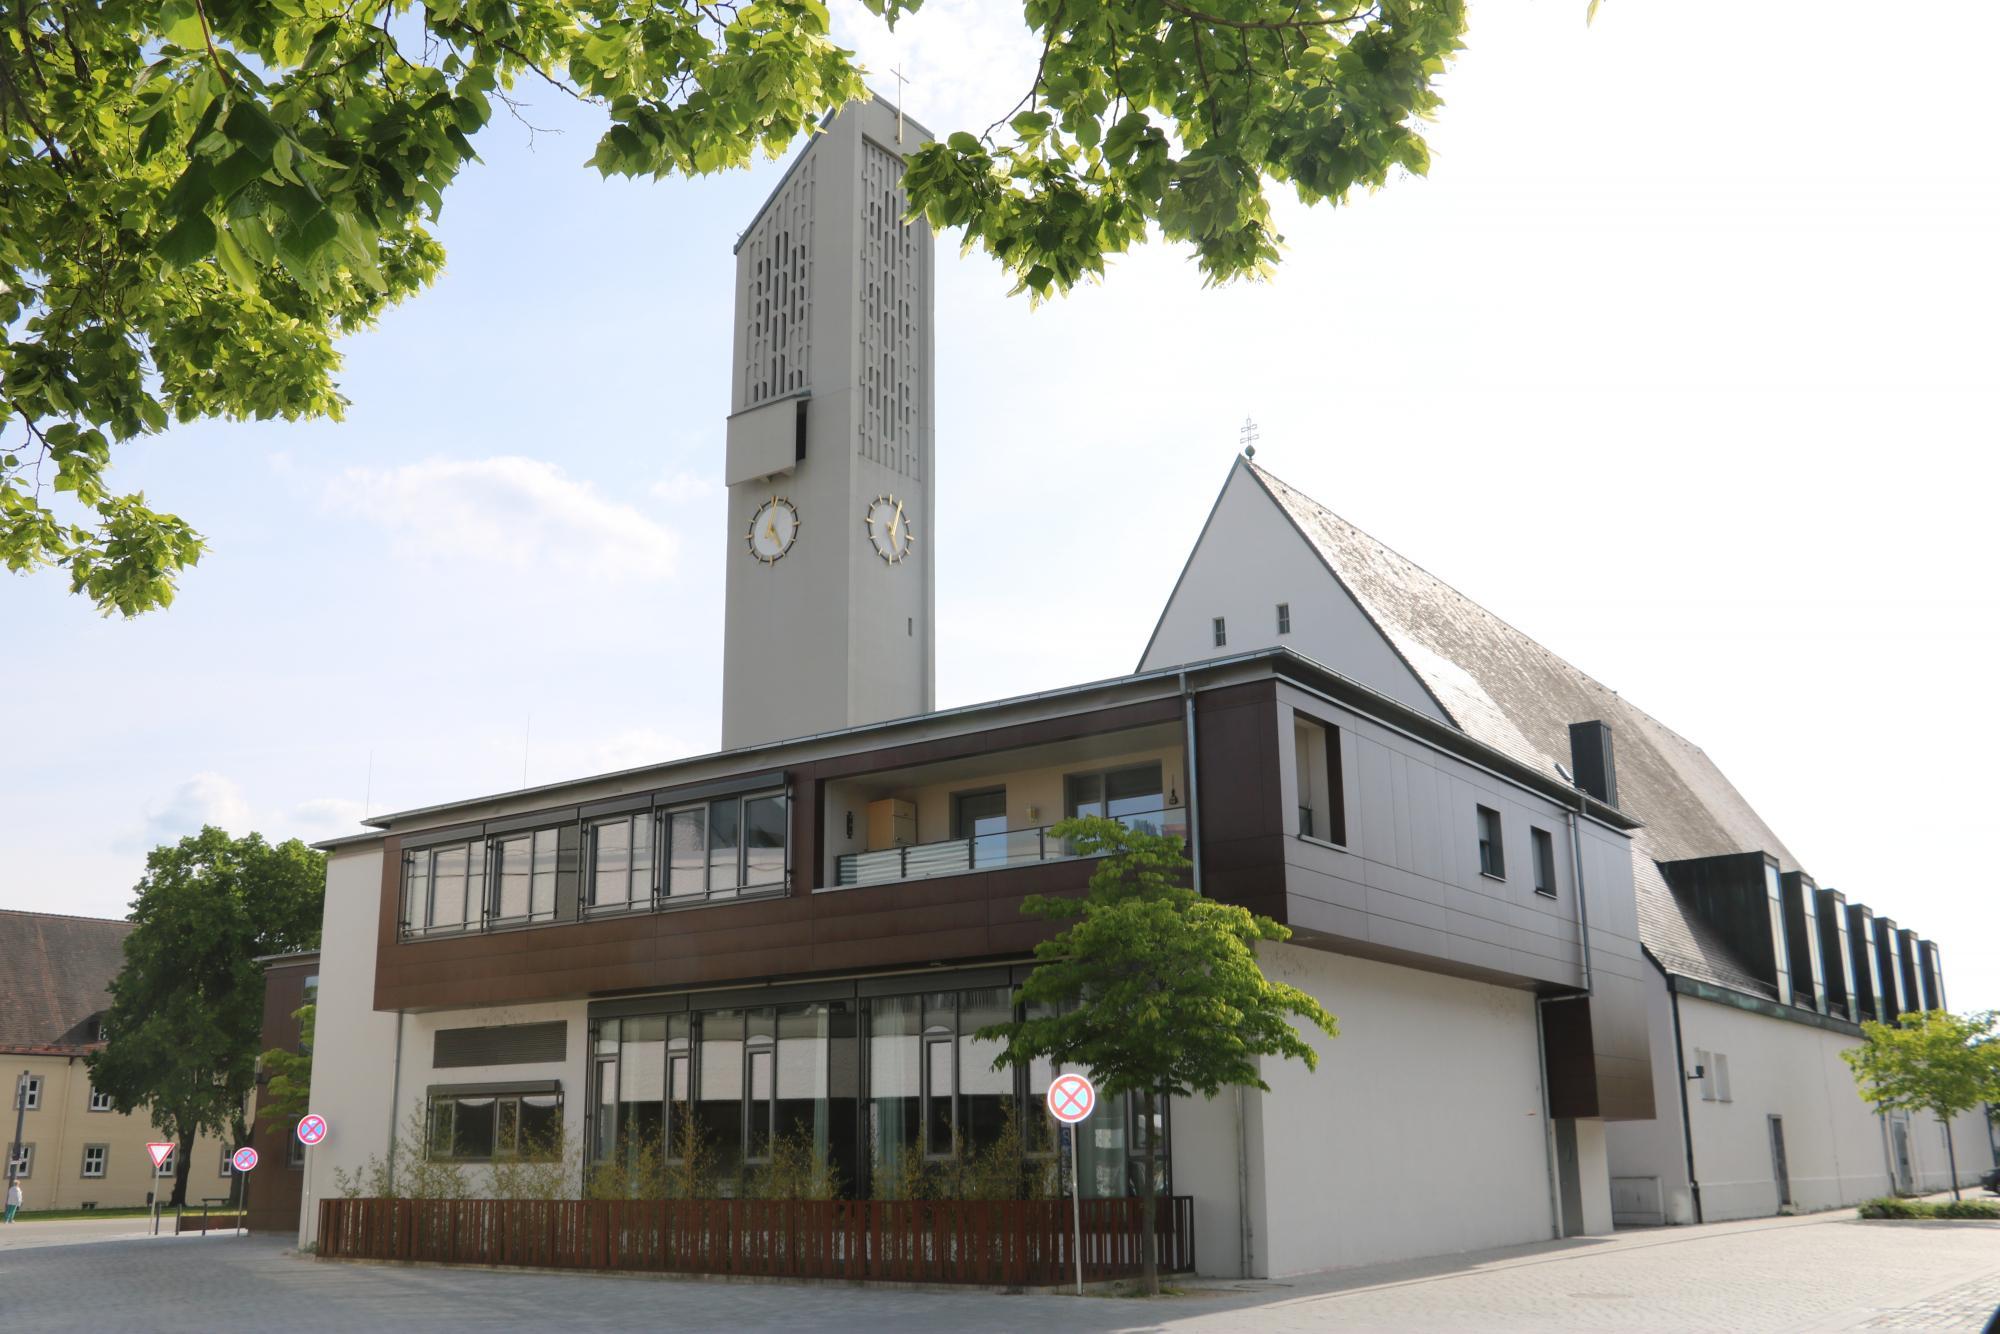 Stko kirche aussen22